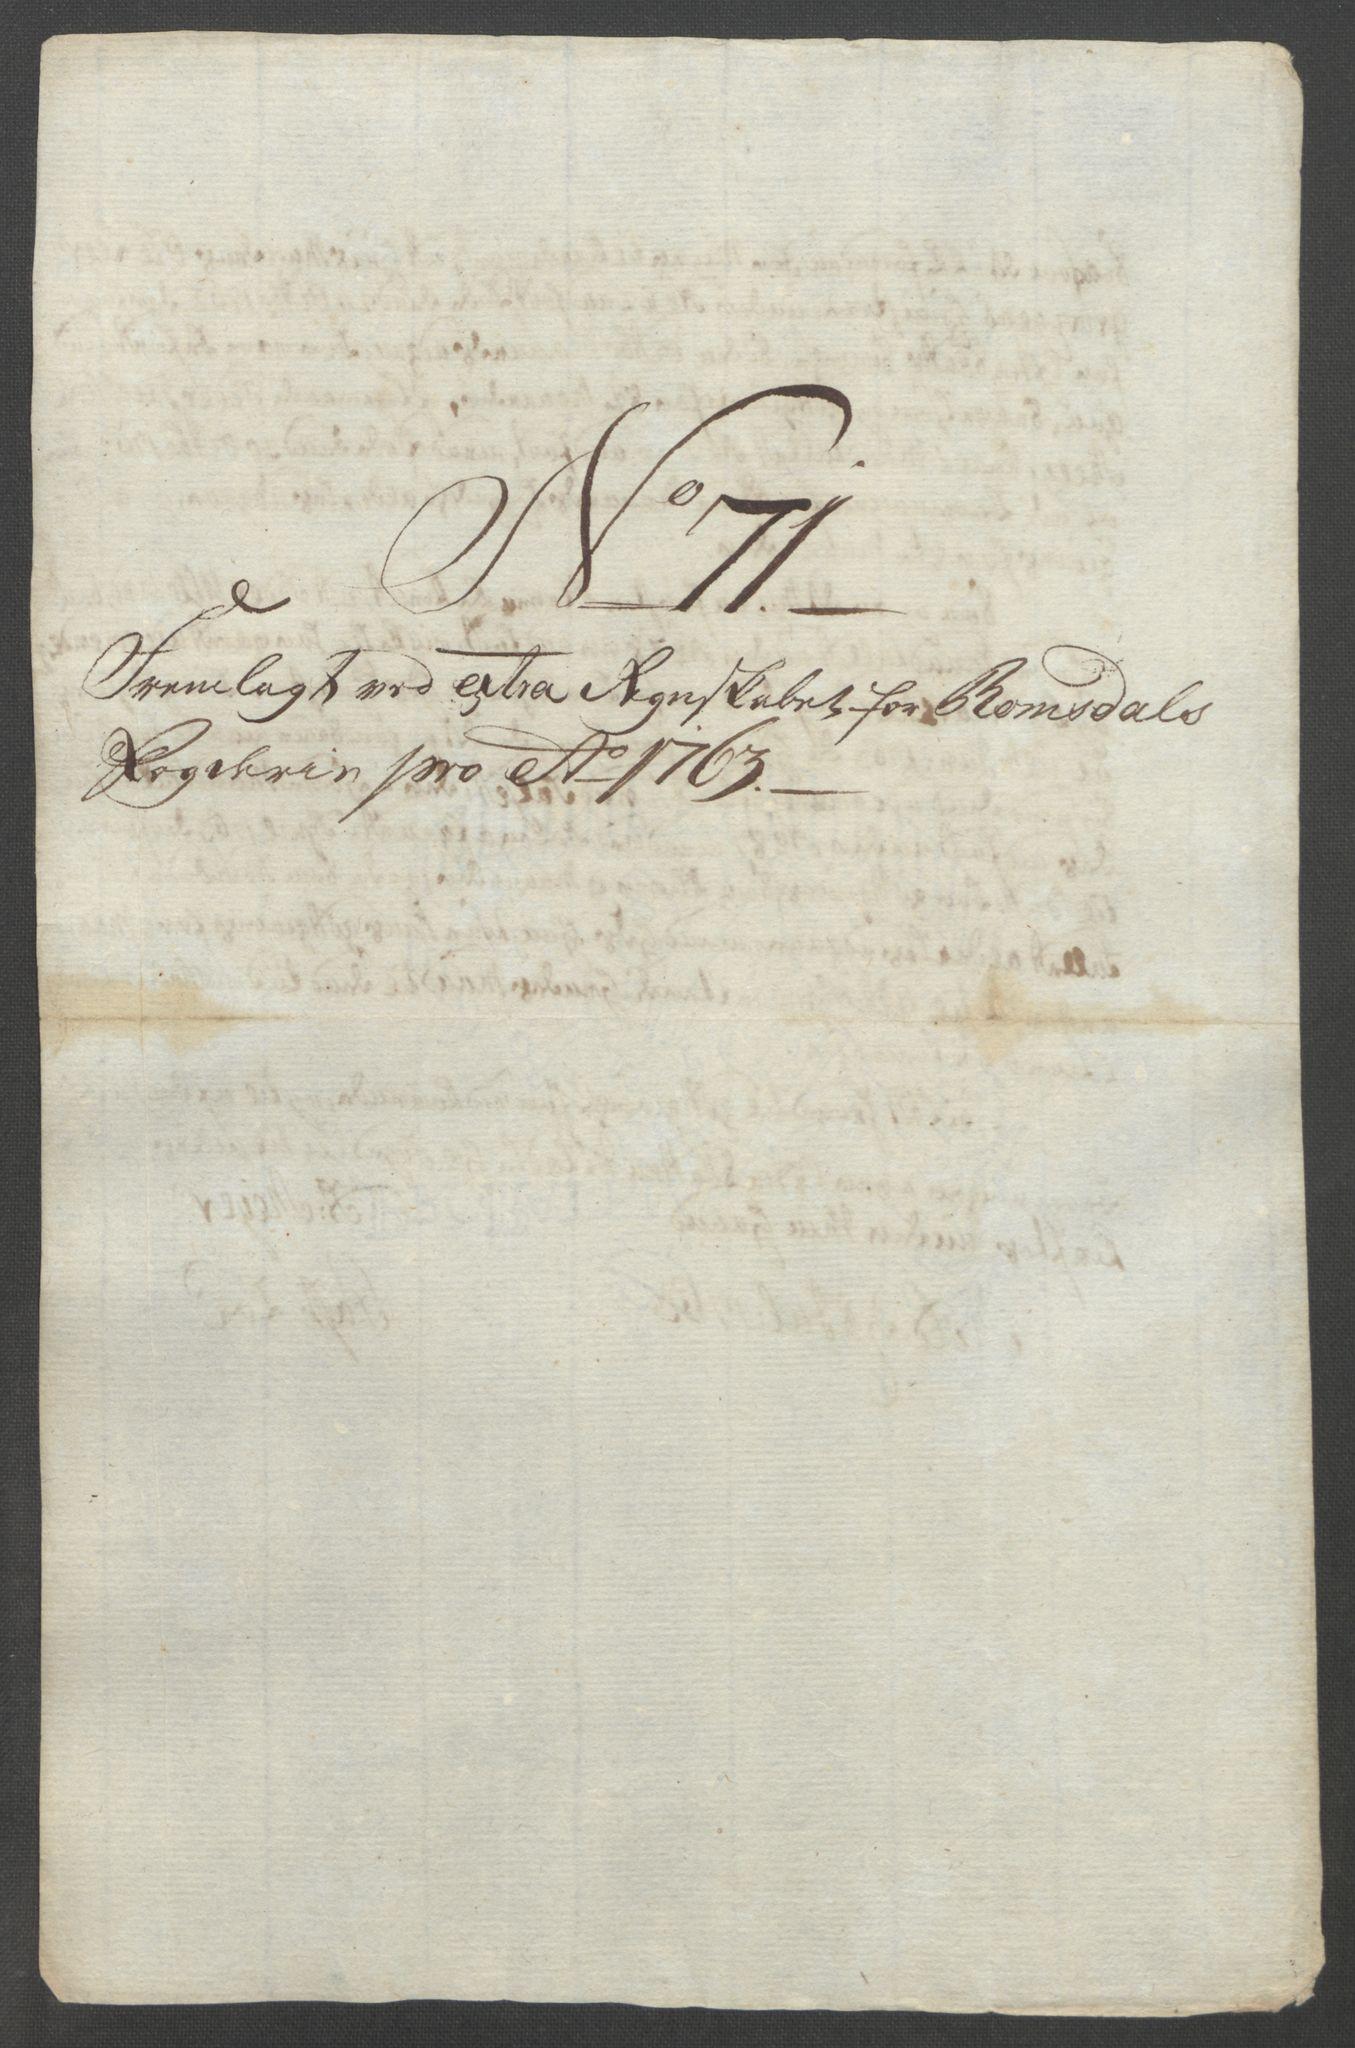 RA, Rentekammeret inntil 1814, Reviderte regnskaper, Fogderegnskap, R55/L3730: Ekstraskatten Romsdal, 1762-1763, s. 522